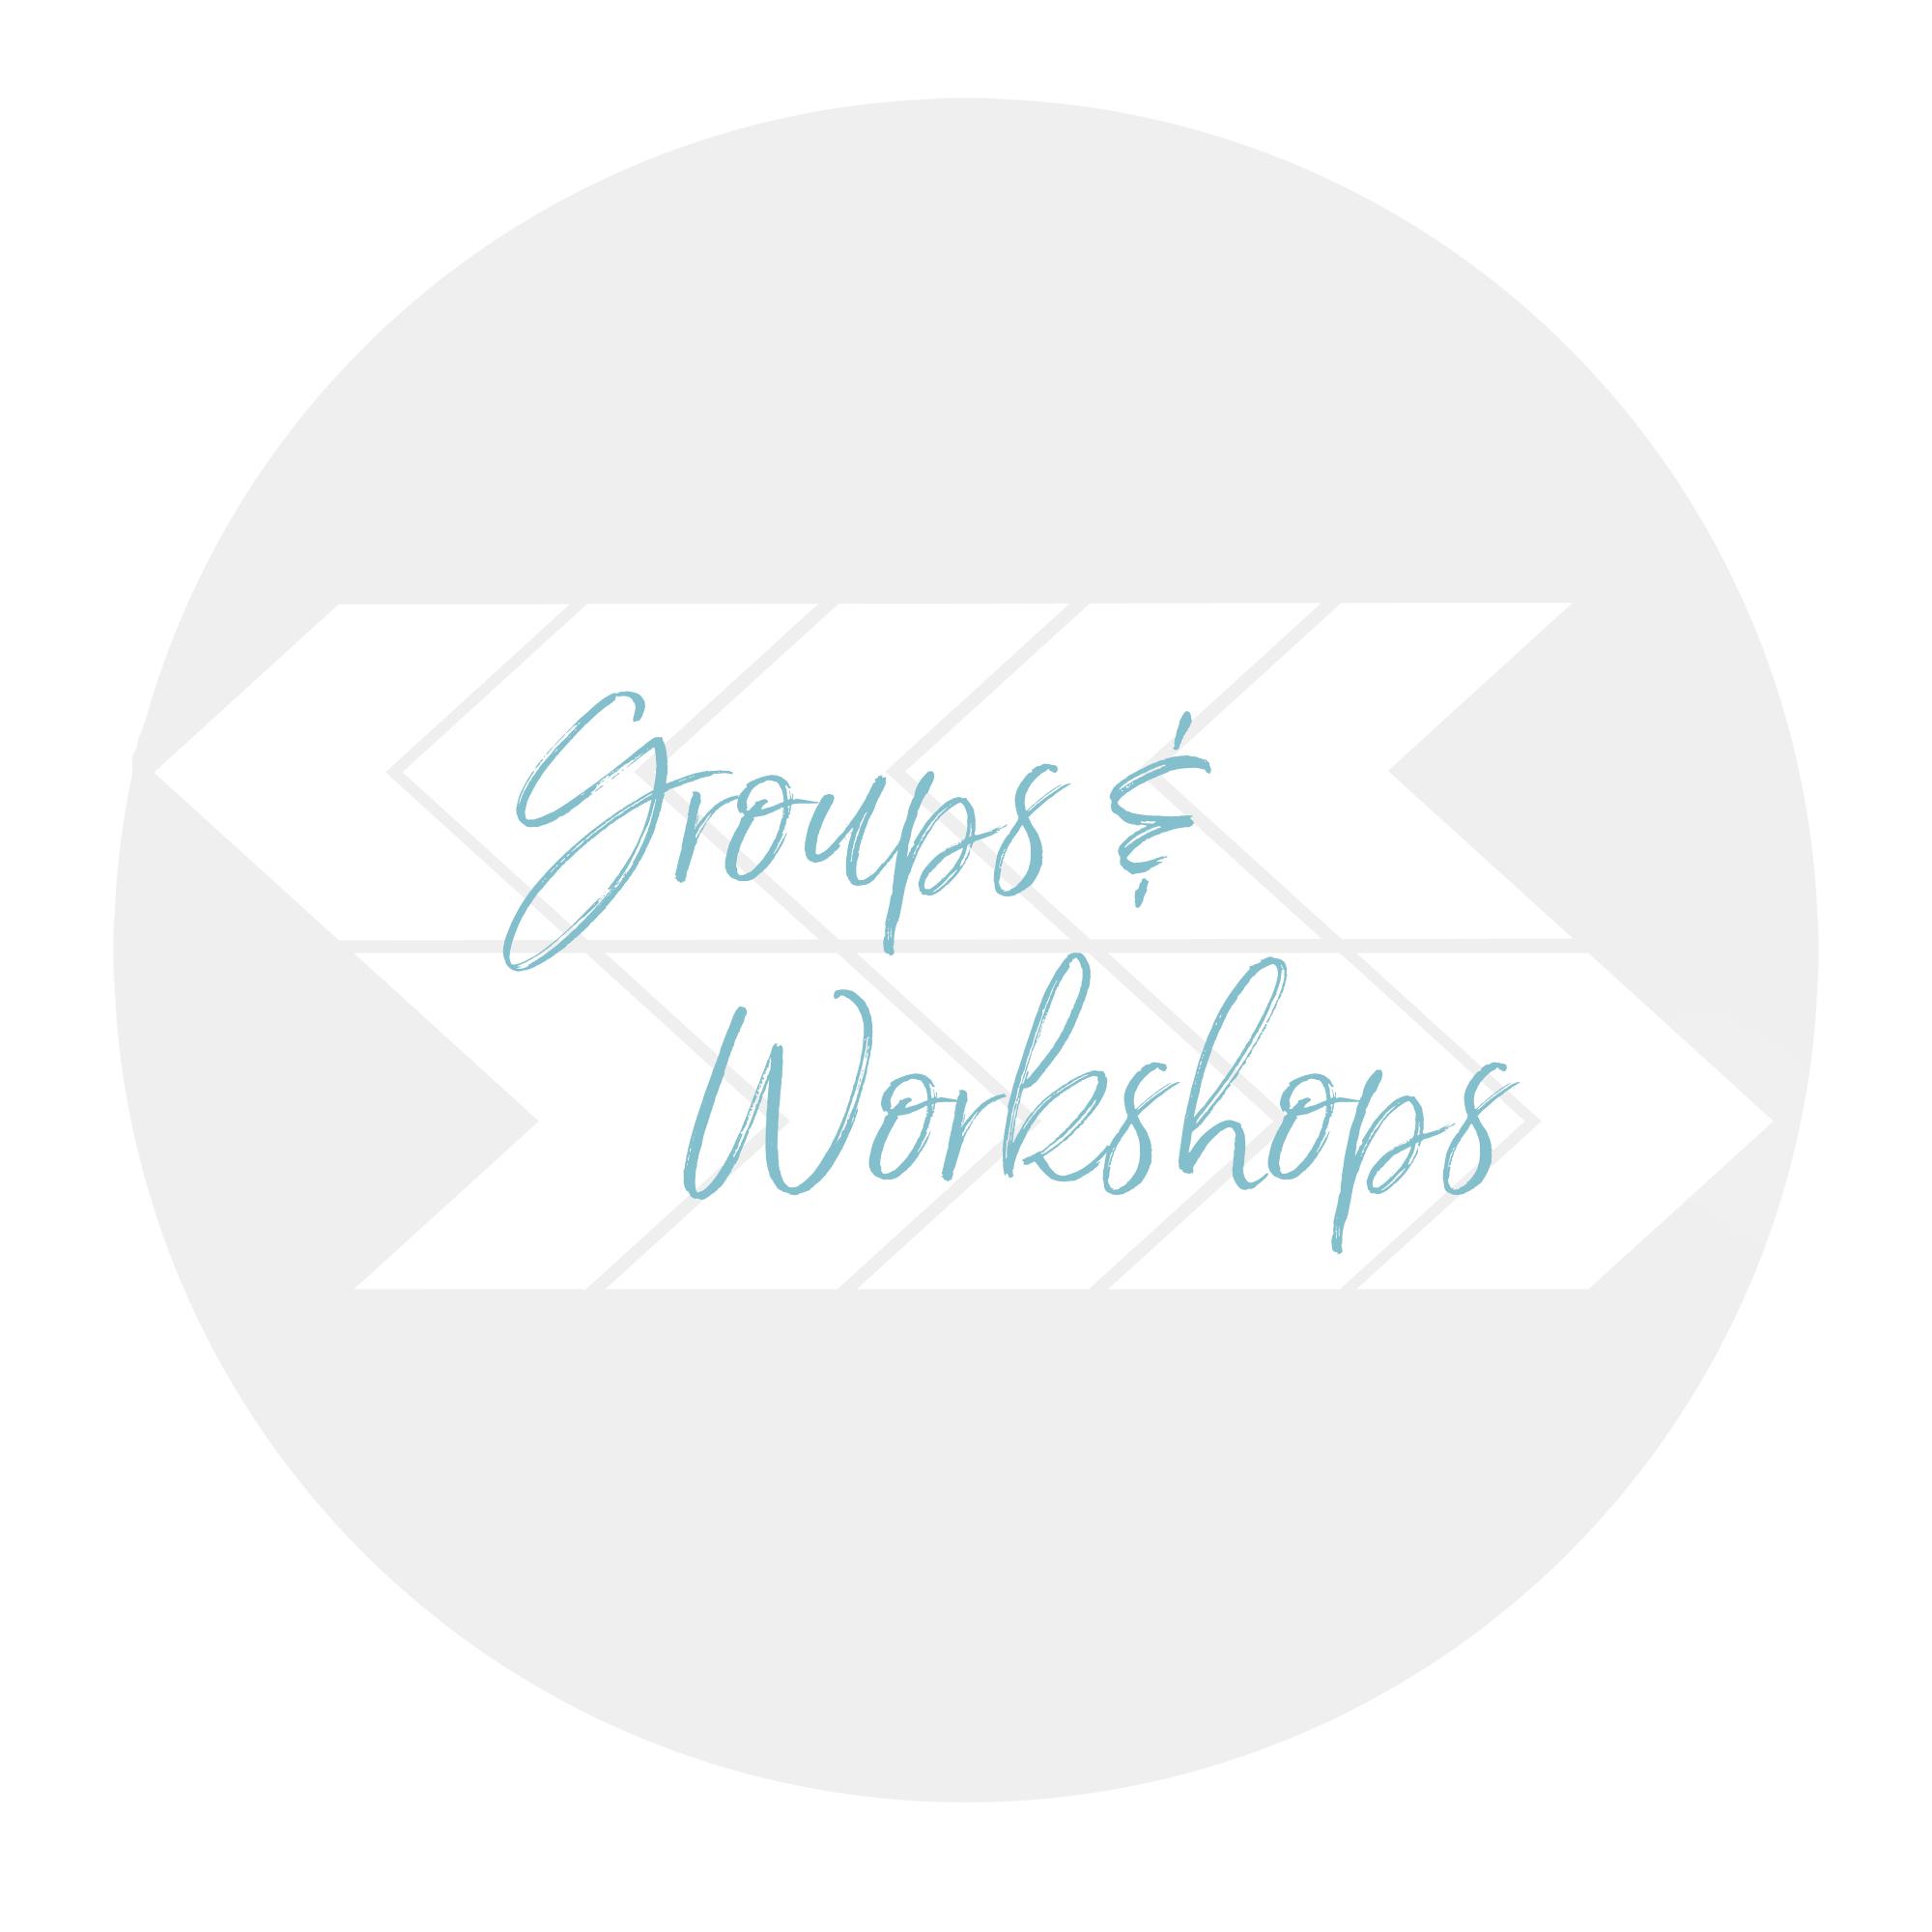 Arrow-Groups+Workshops.jpg